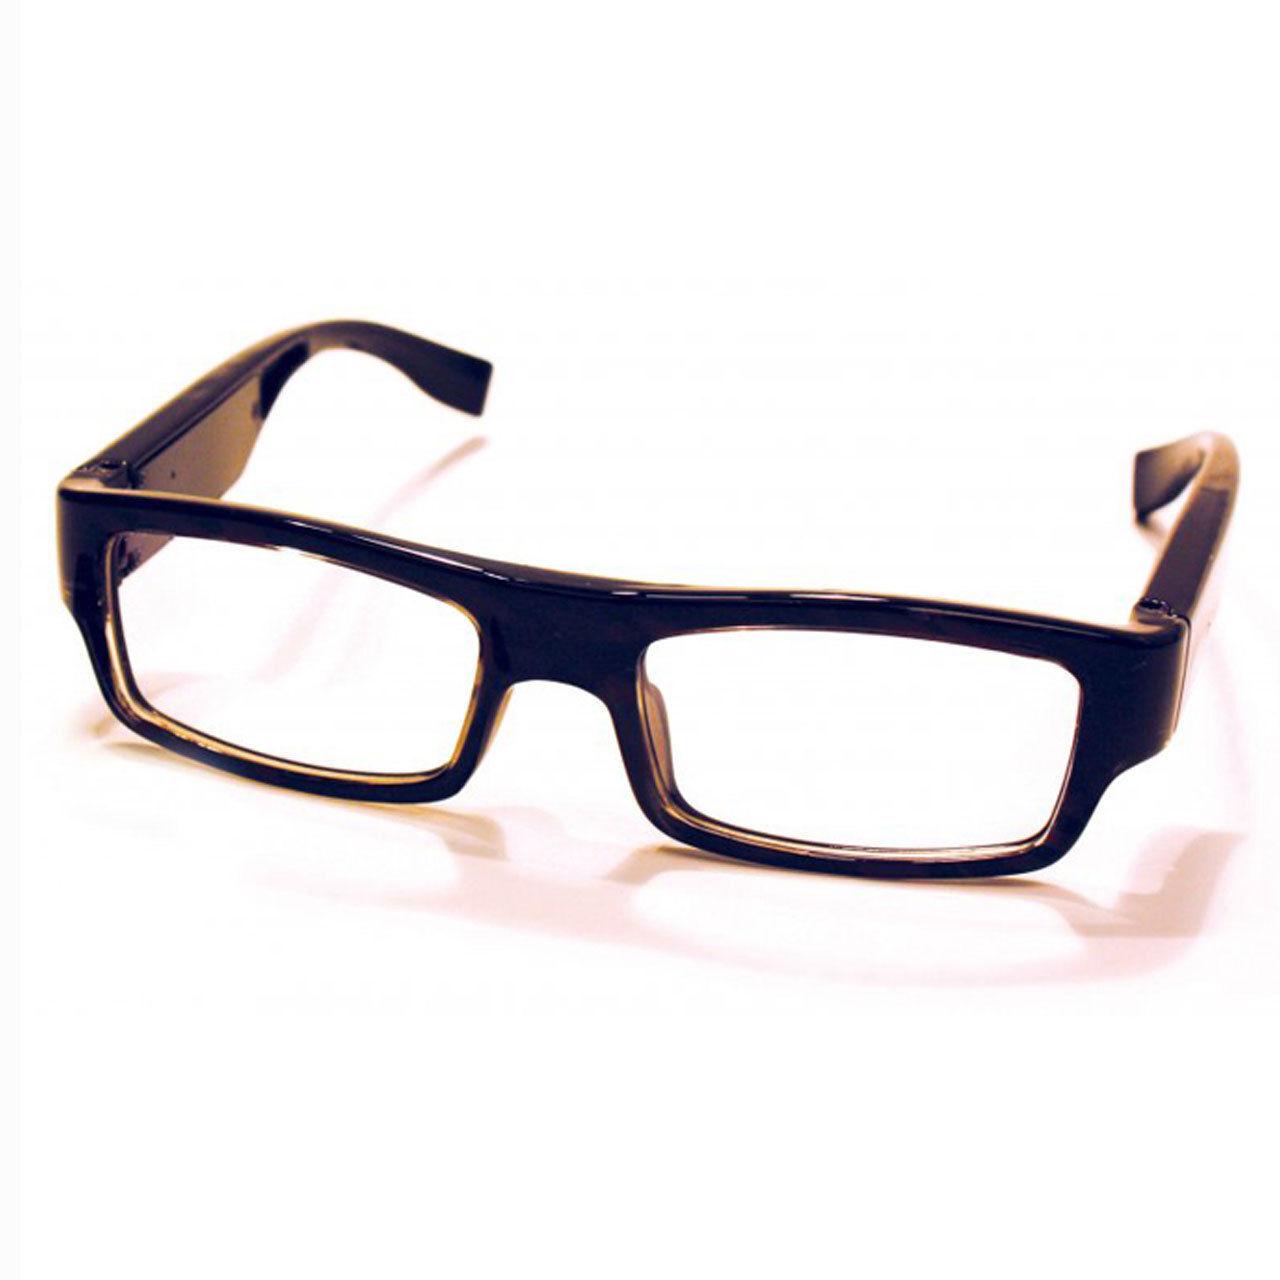 Kjb dvr 290 glasses stylish dvr camera